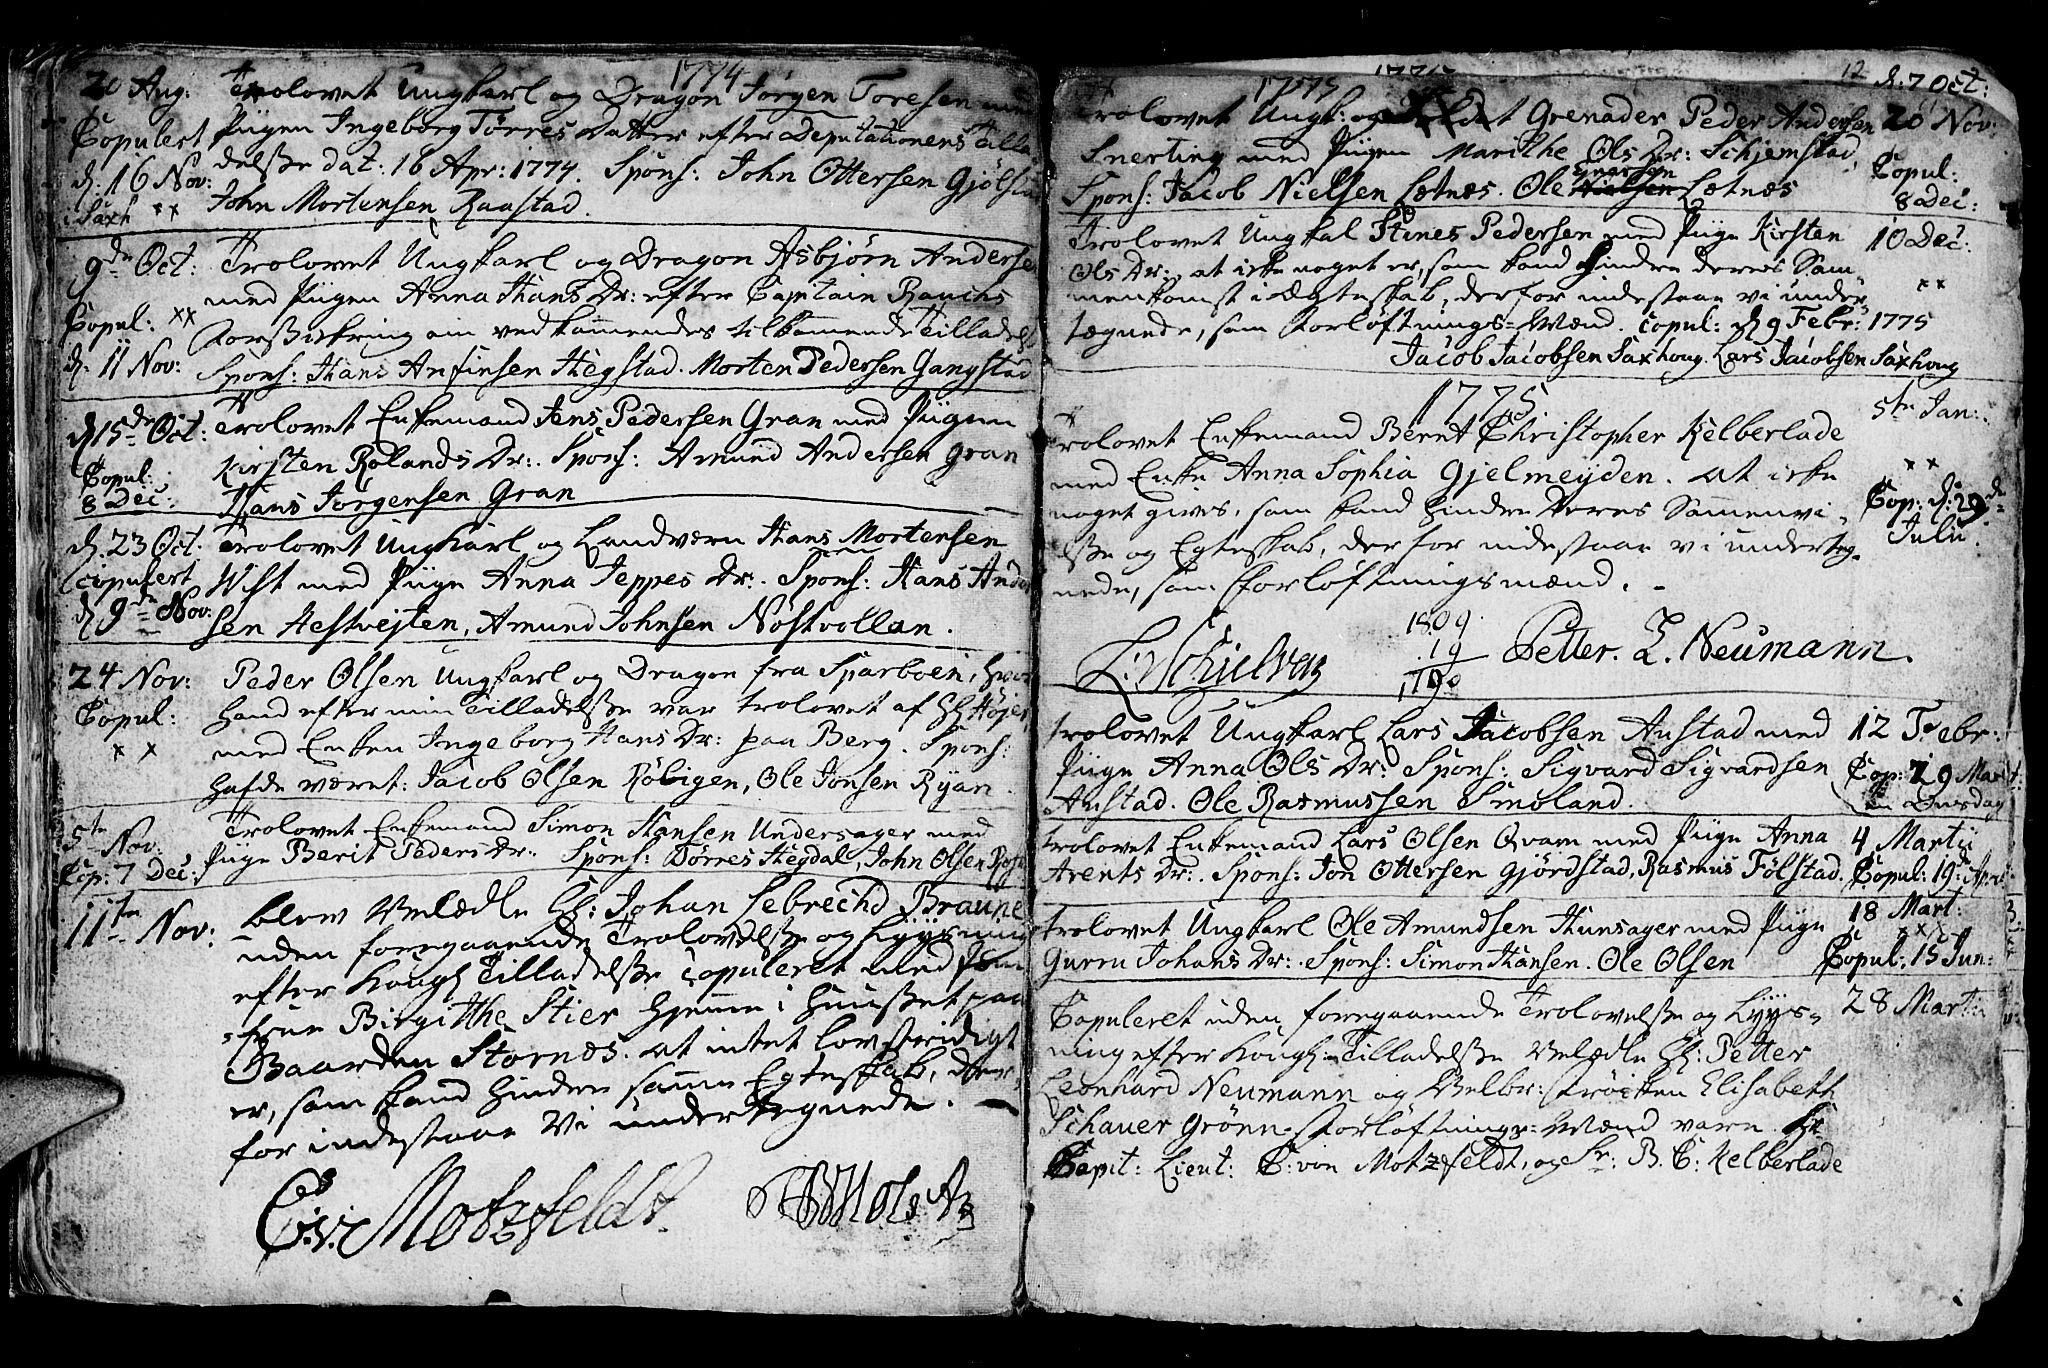 SAT, Ministerialprotokoller, klokkerbøker og fødselsregistre - Nord-Trøndelag, 730/L0273: Ministerialbok nr. 730A02, 1762-1802, s. 11